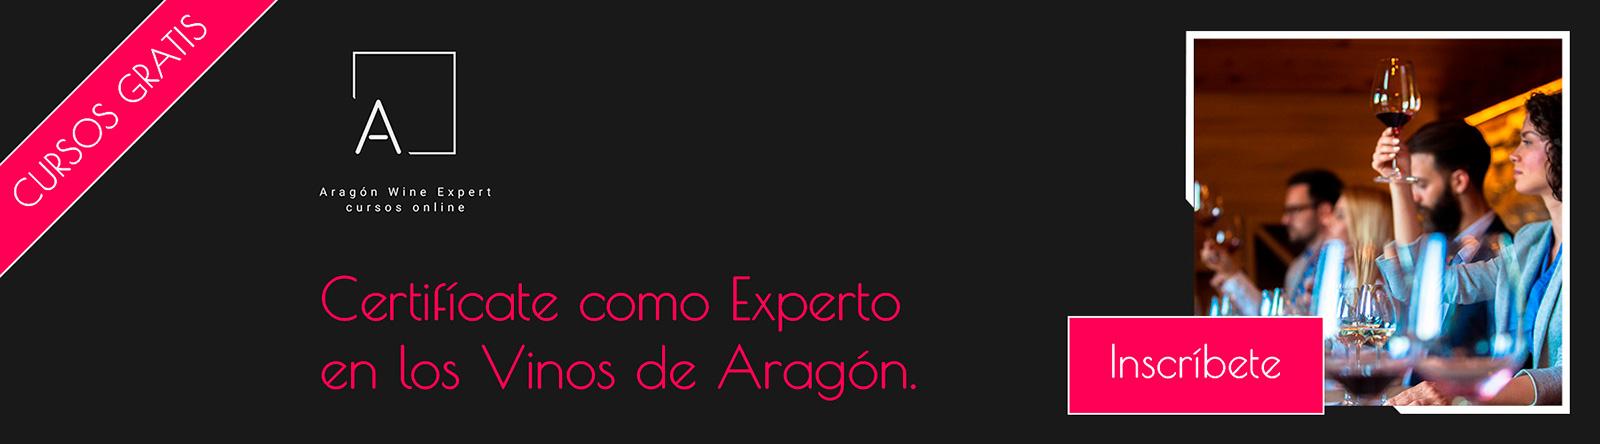 aragon wine expert